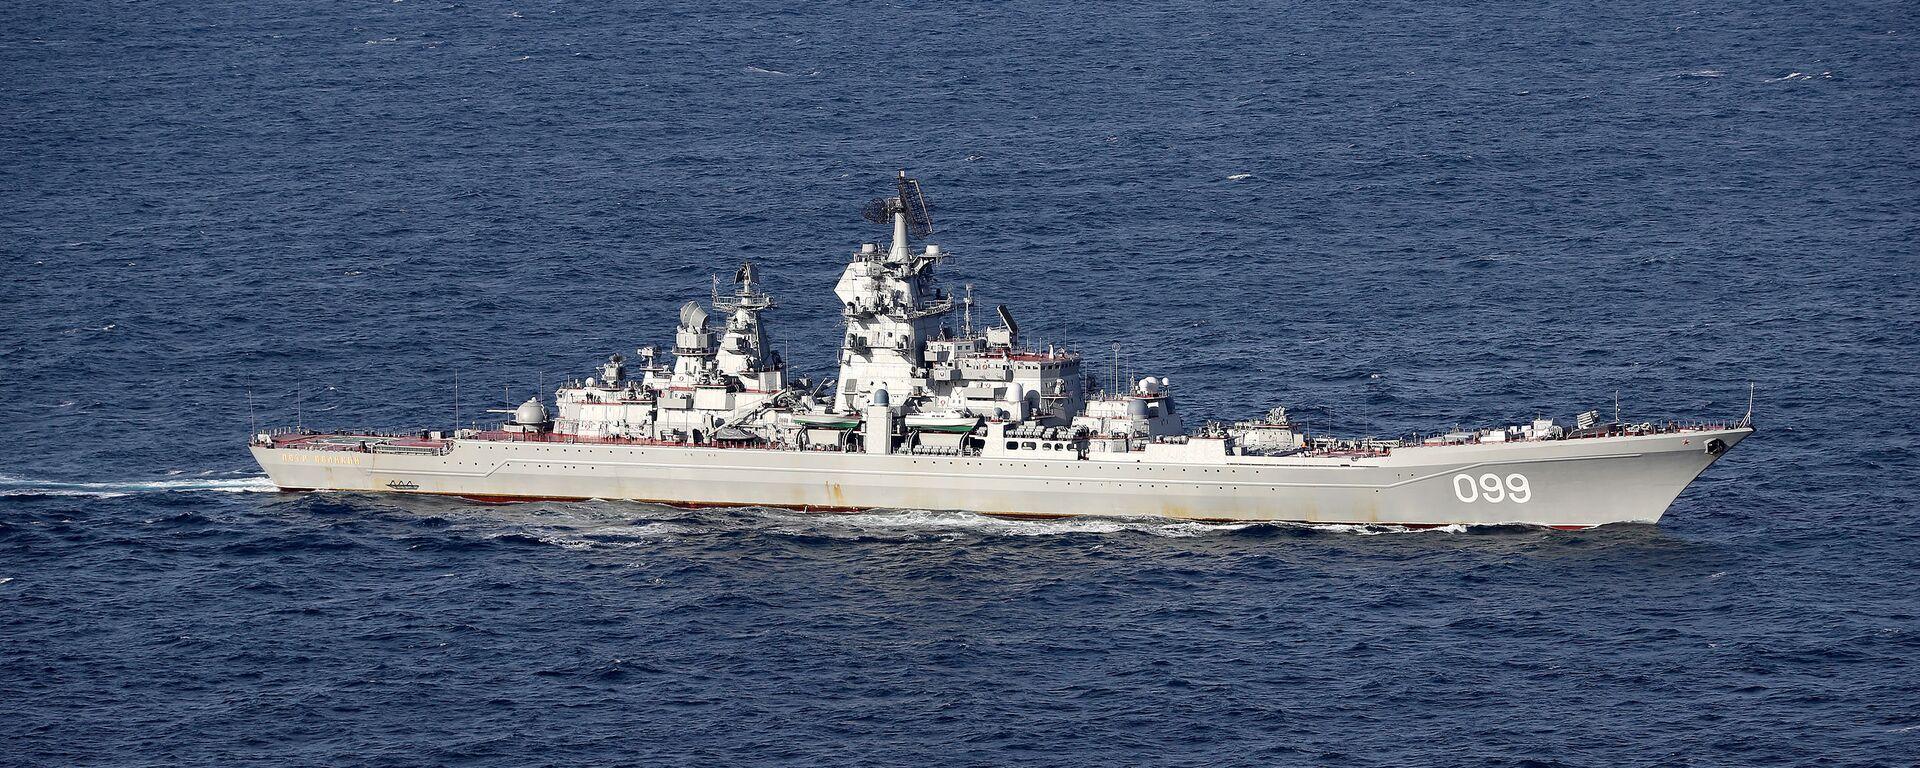 Un buque militar ruso (imagen referencial) - Sputnik Mundo, 1920, 25.06.2021